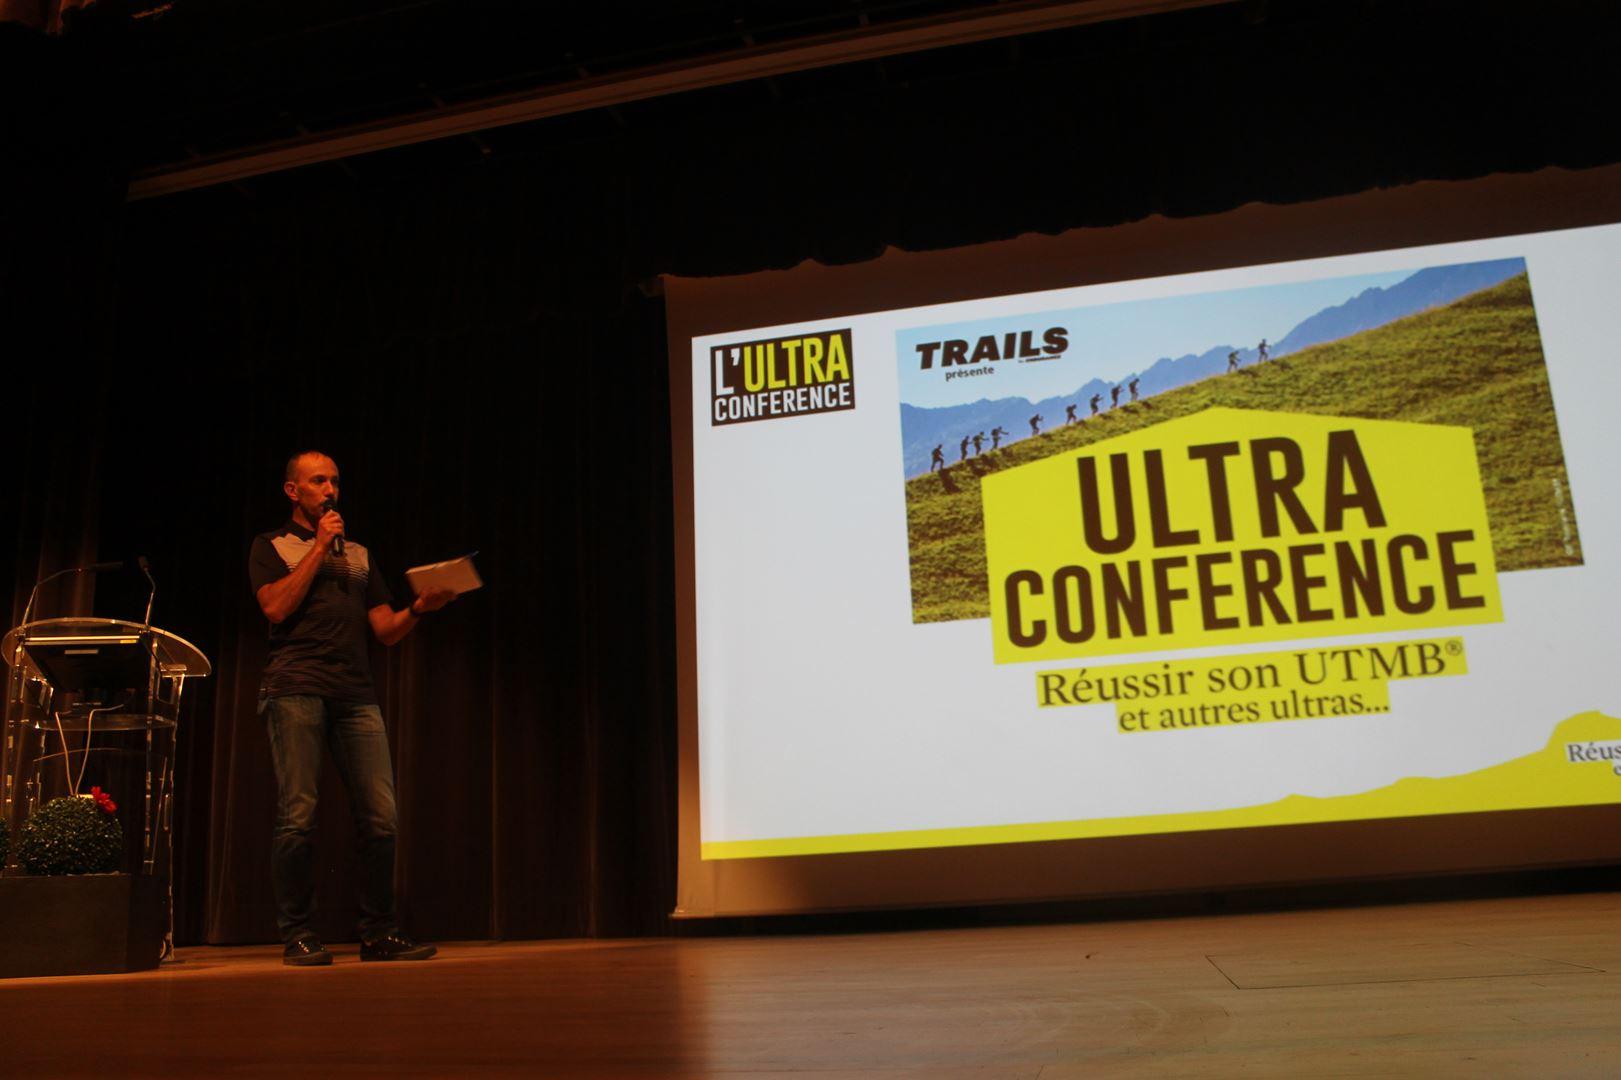 copie 0 IMG 0626 - REUSSIR SON UTMB ET SES ULTRAS (conférence qui s'est déroulée à Chambéry en décembre)